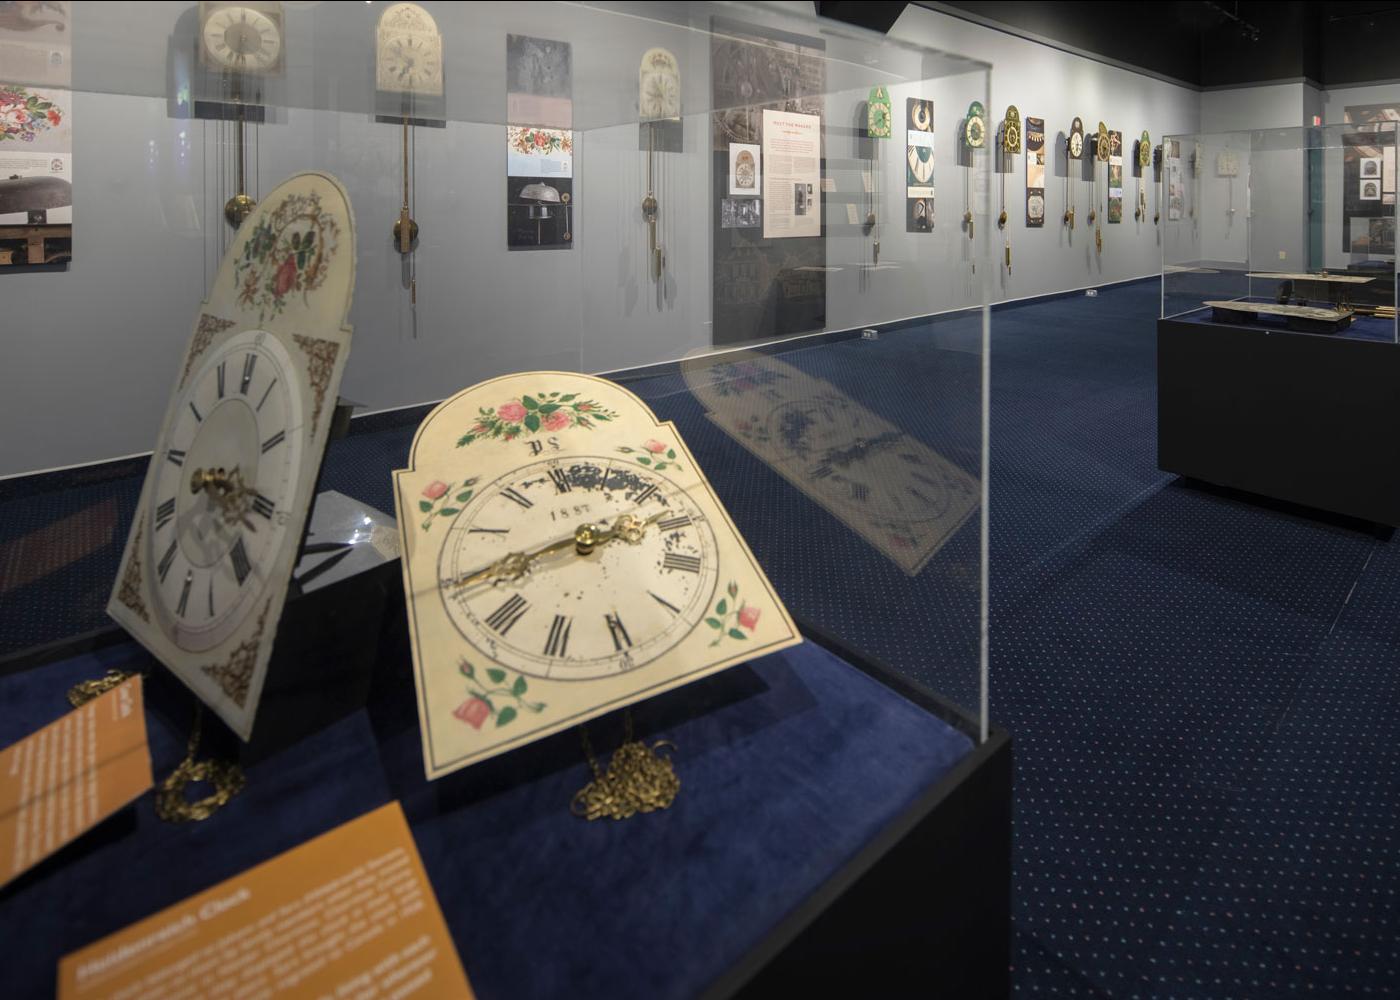 kroeger-clock-exhibit-mennonite-heritage-village1.jpg